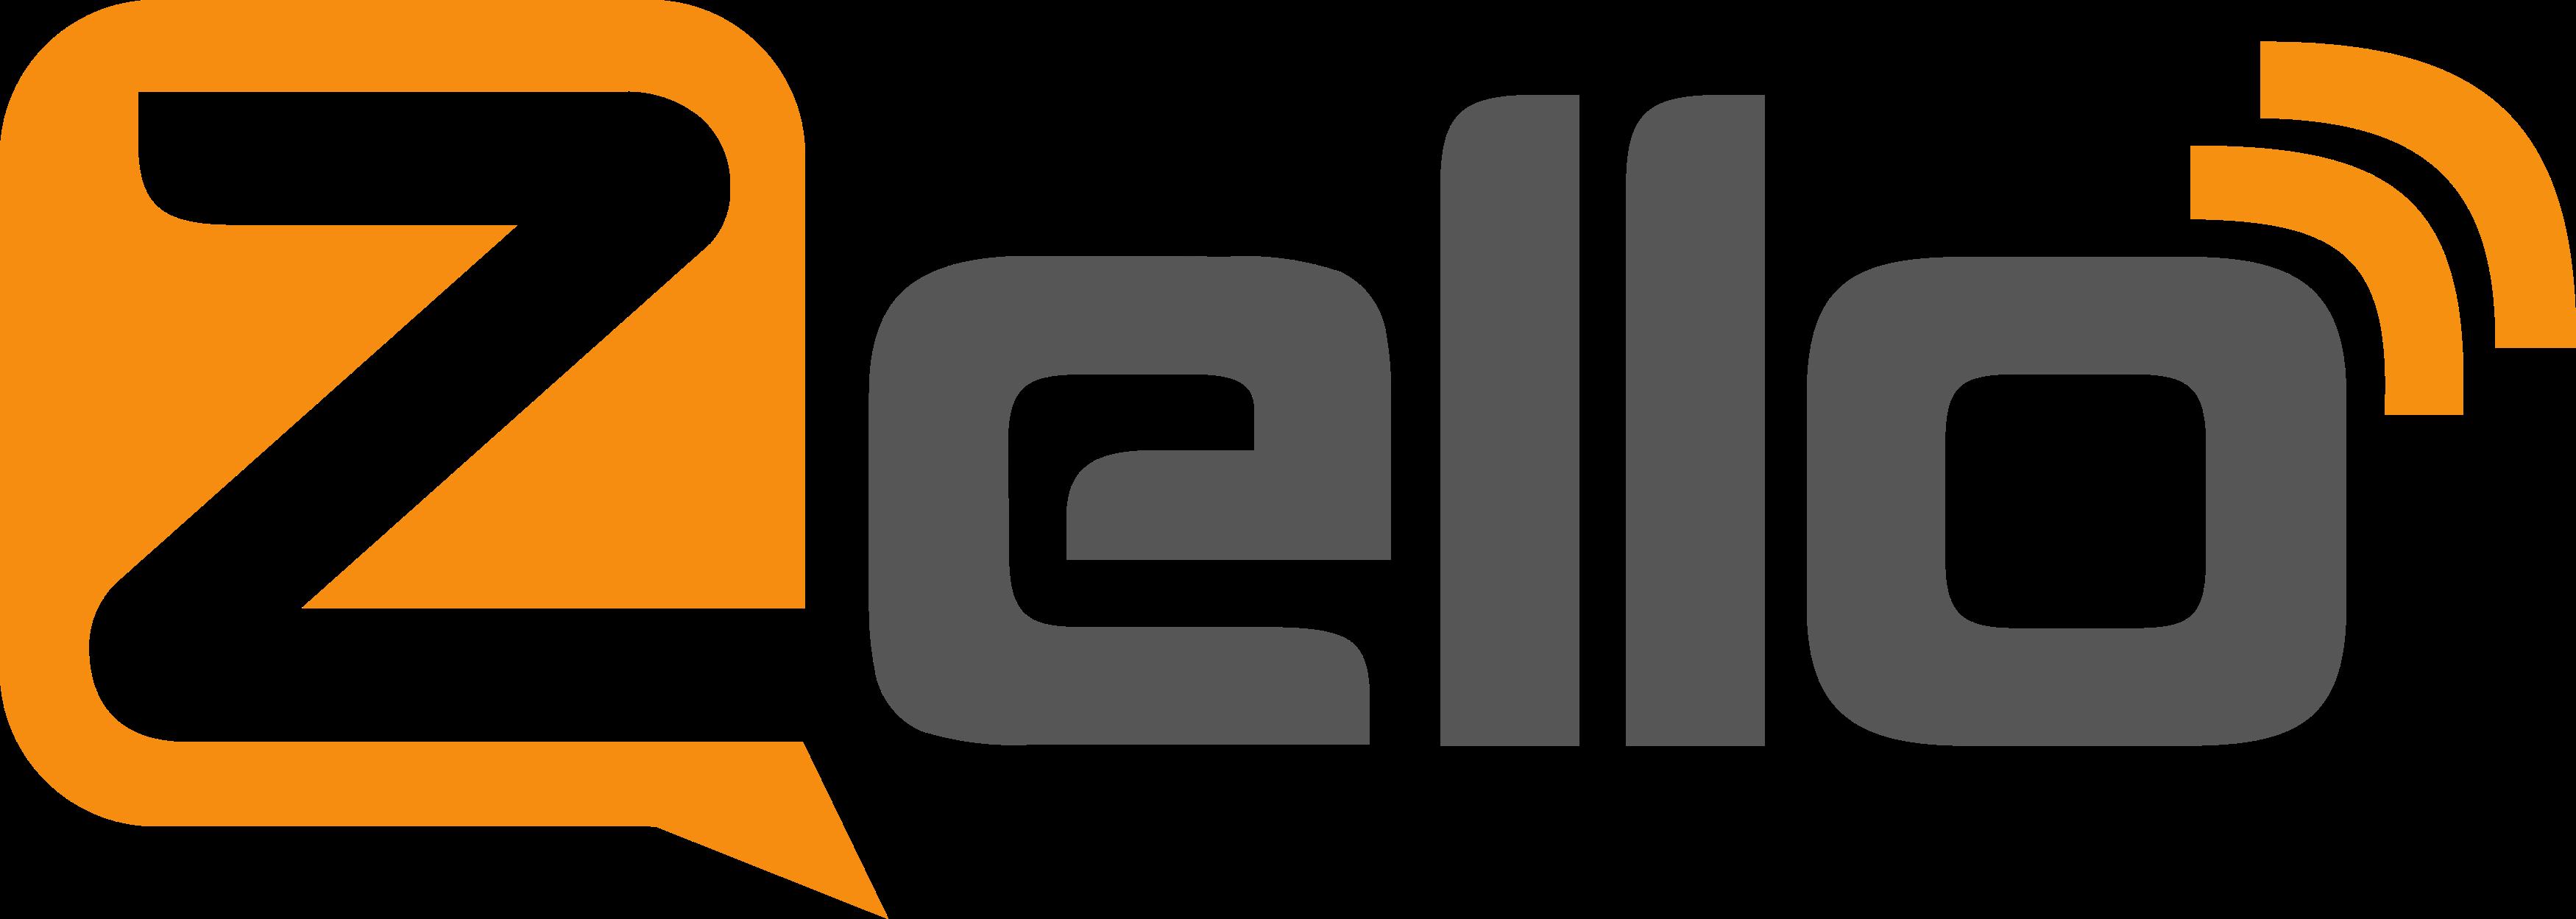 zello logo - Zello Logo